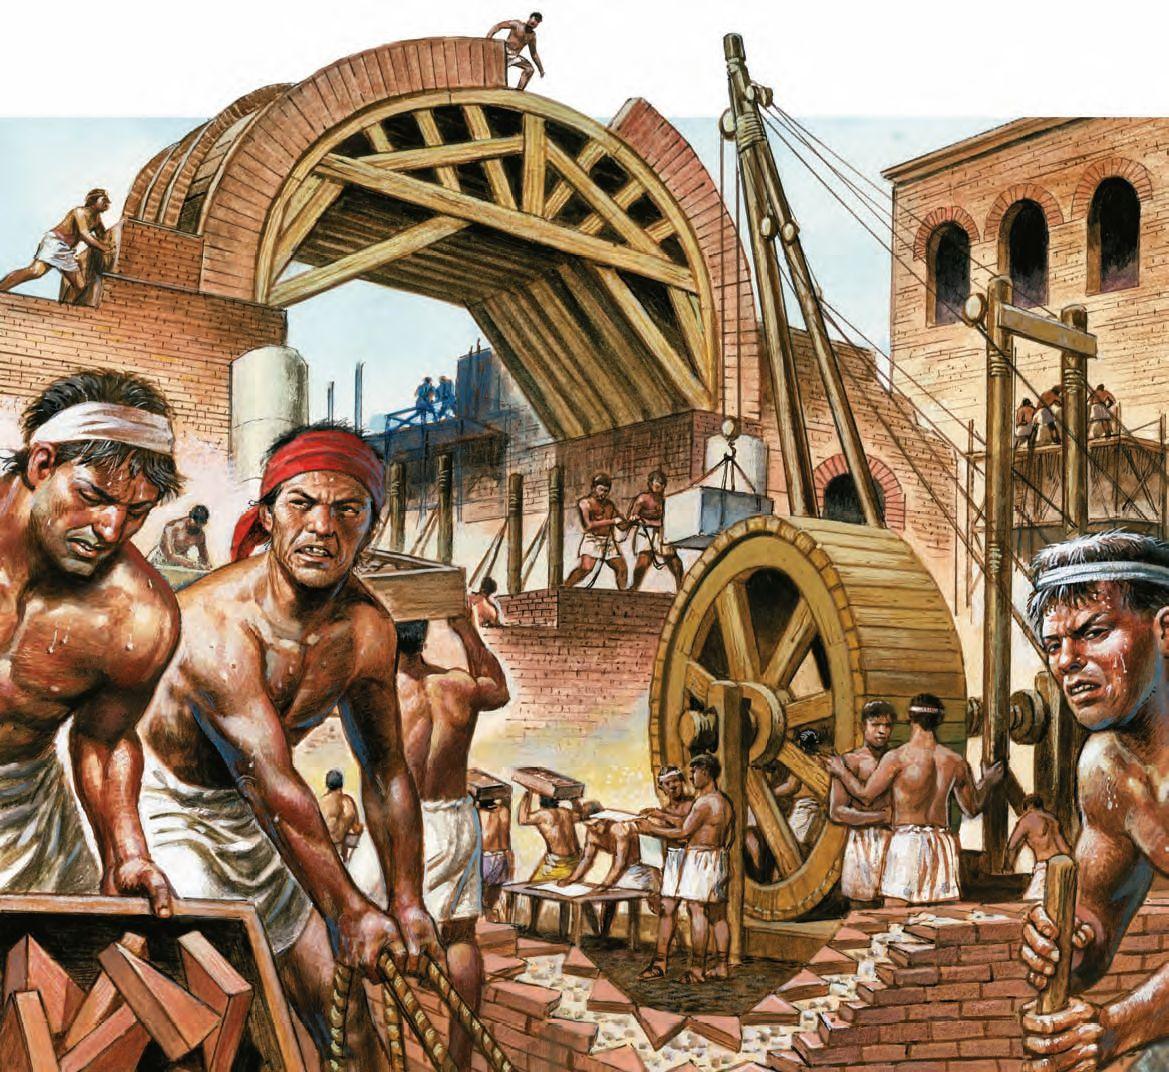 Servi et arcus   História de roma, História antiga, Império romano